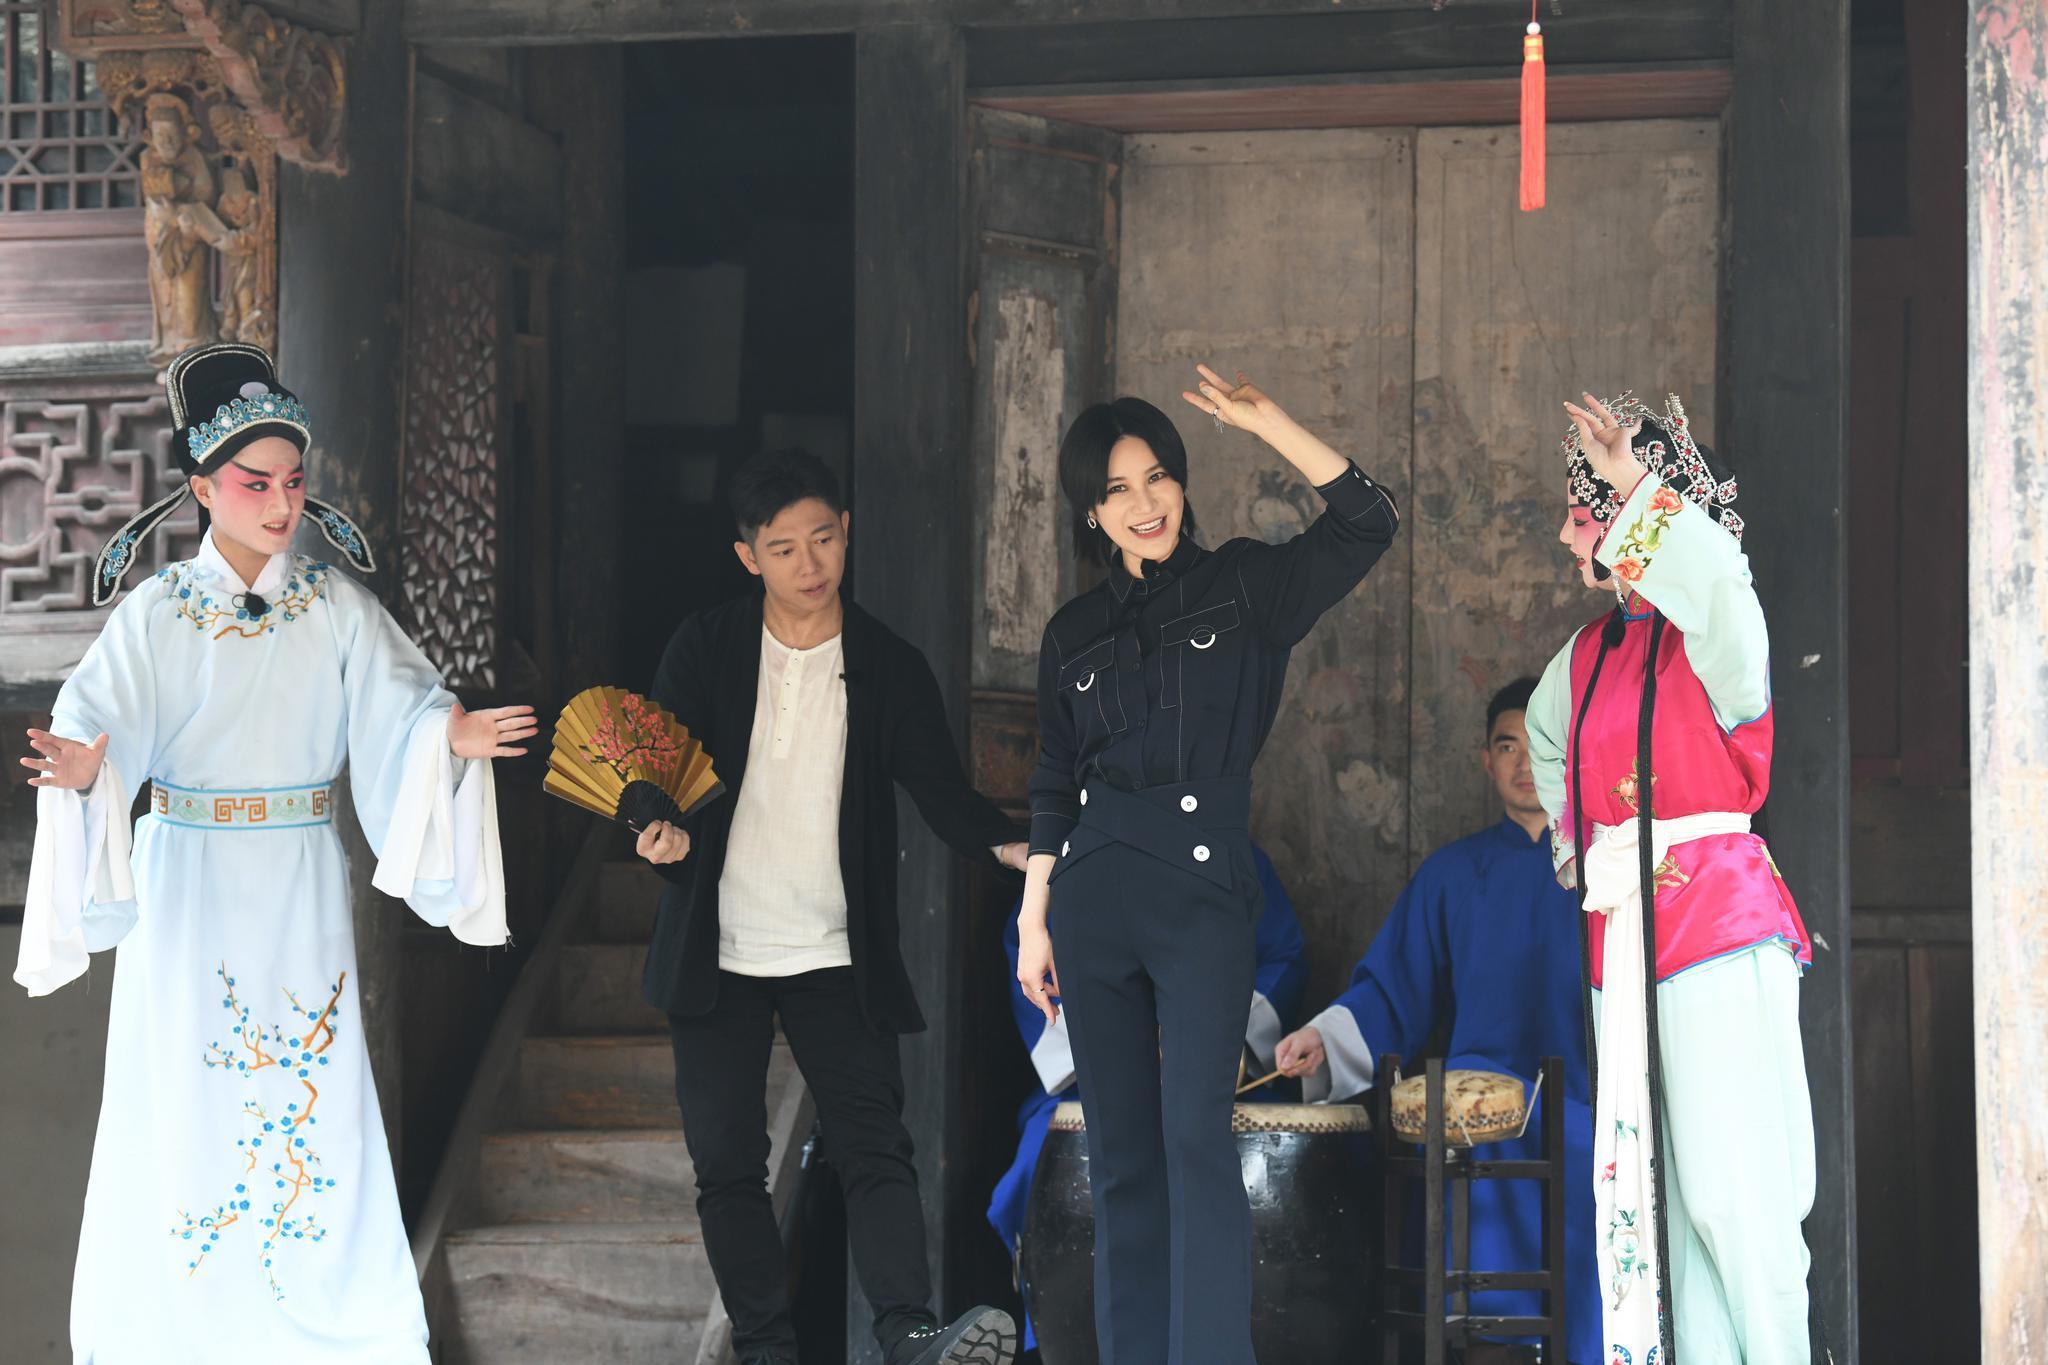 《还有诗和远方》首播,尚雯婕古诗新唱《游仙吟》首发